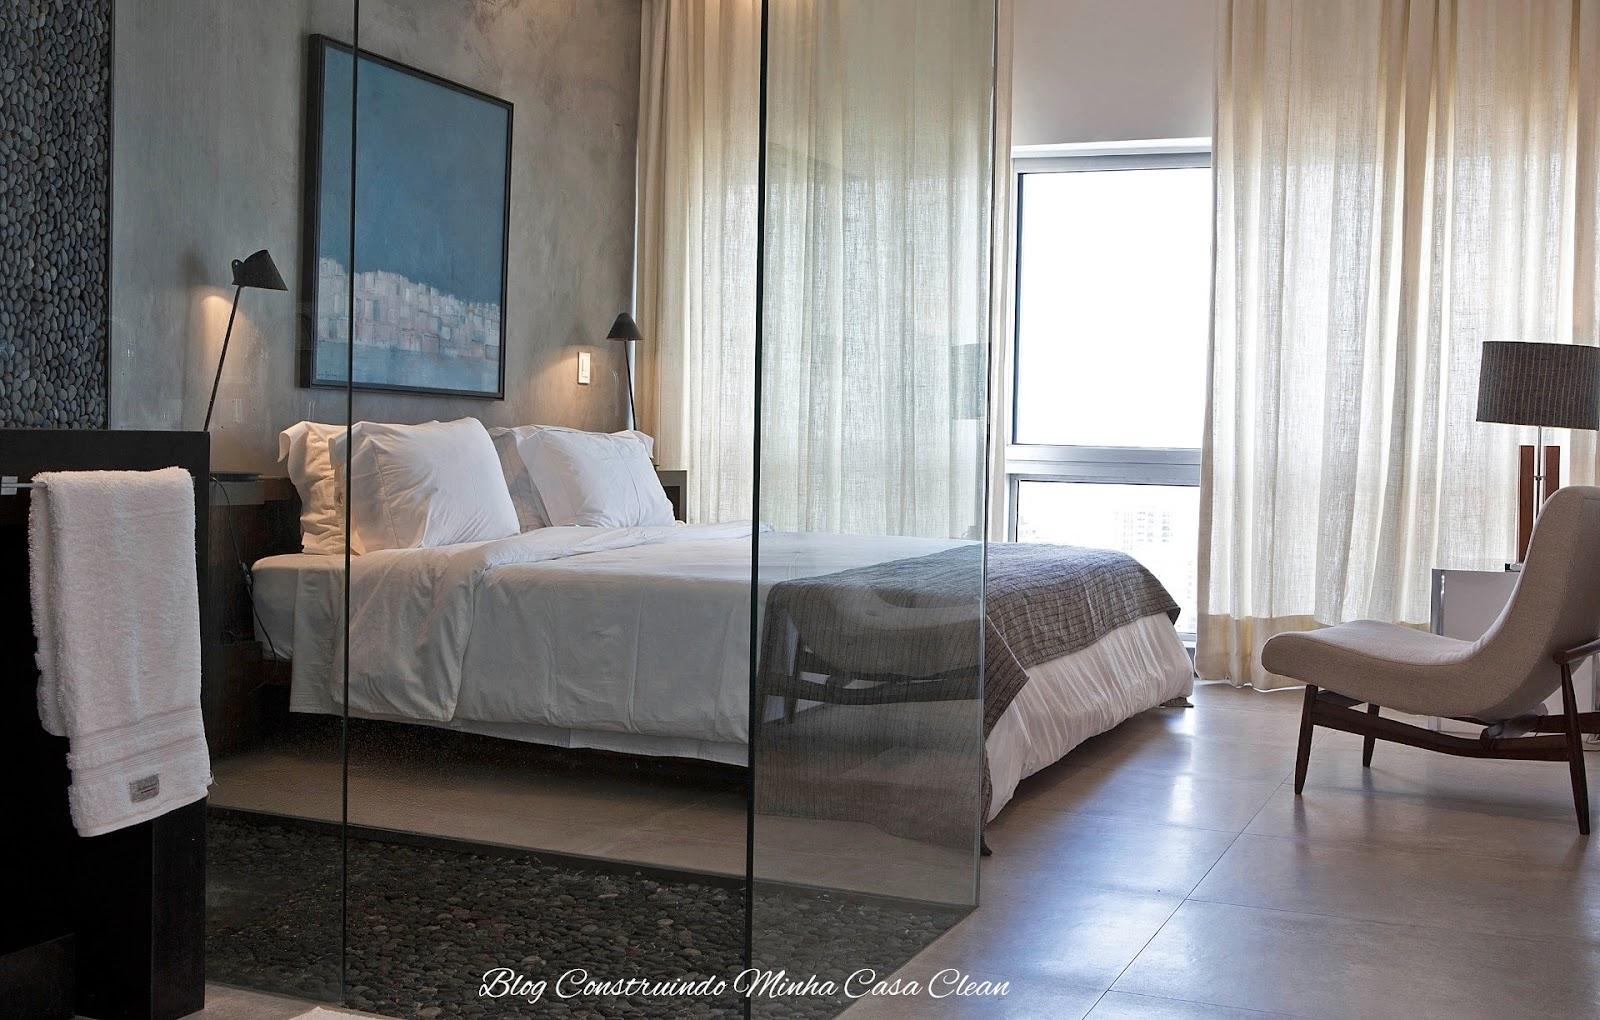 Construindo Minha Casa Clean Quartos Integrados Com Banheiros De  ~ Quarto Integrado Com Banheiro E Modelo De Quarto De Casal